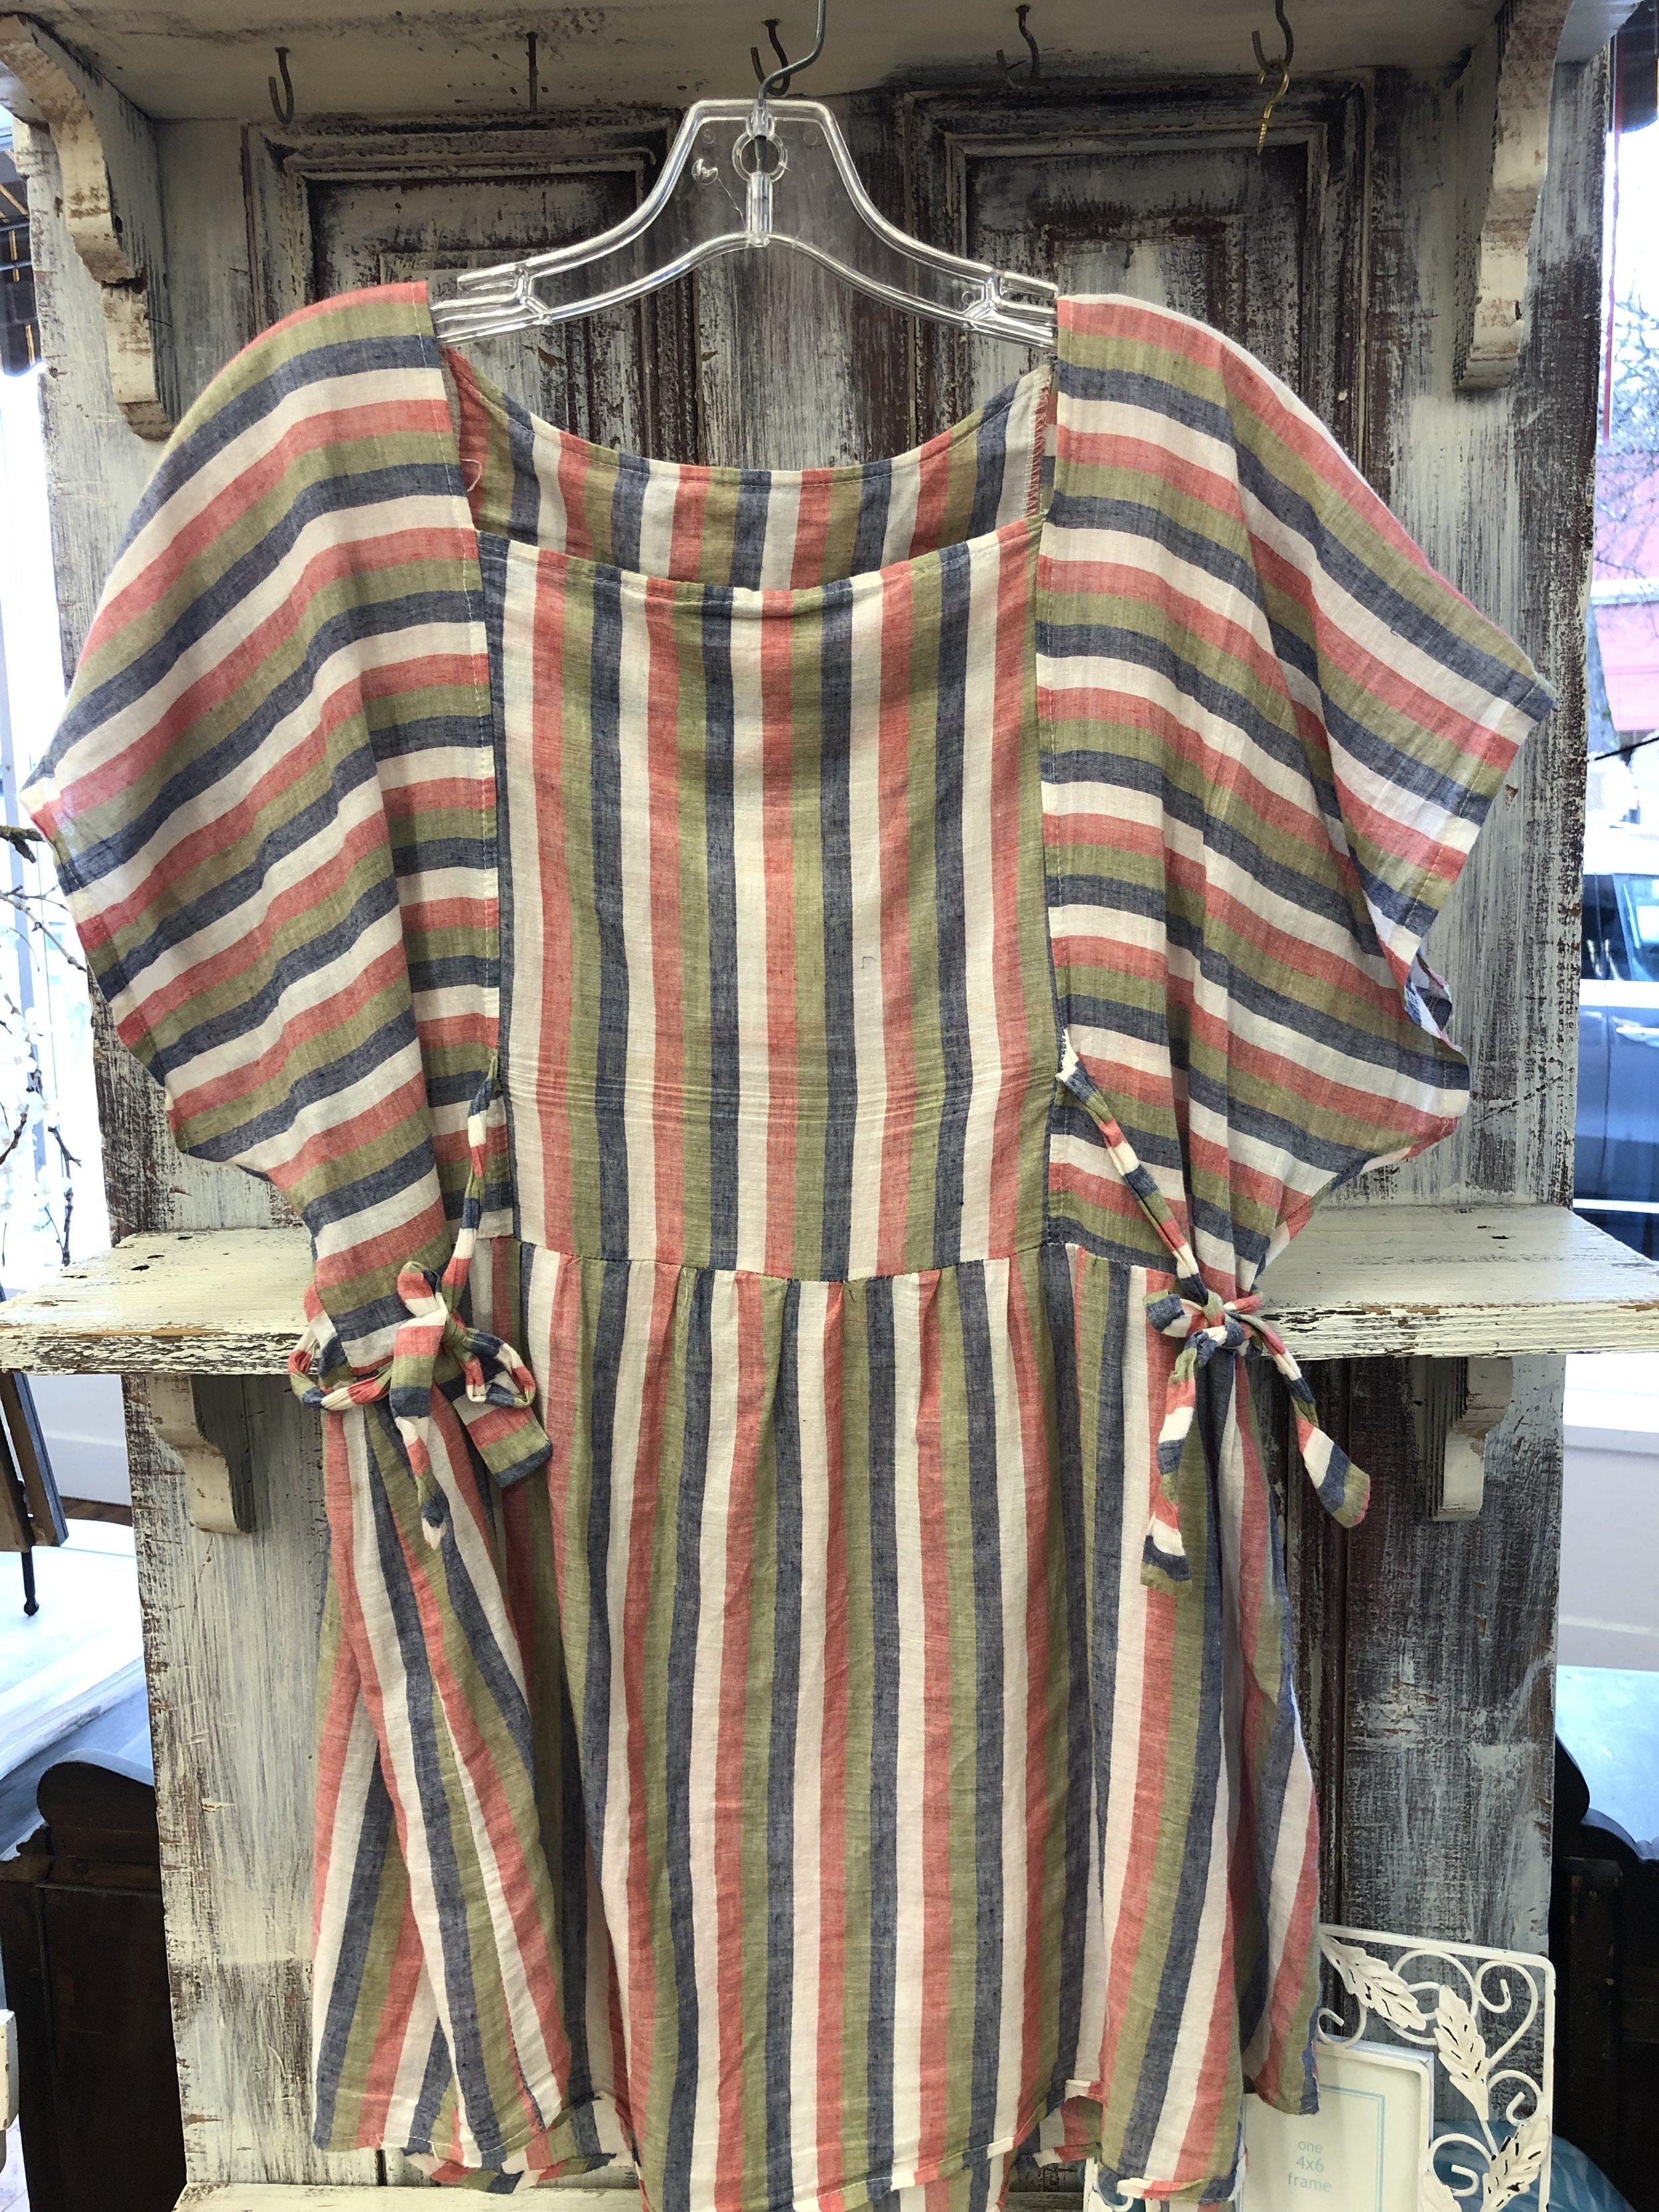 Pijika Striped Tie - M/L - $16.99